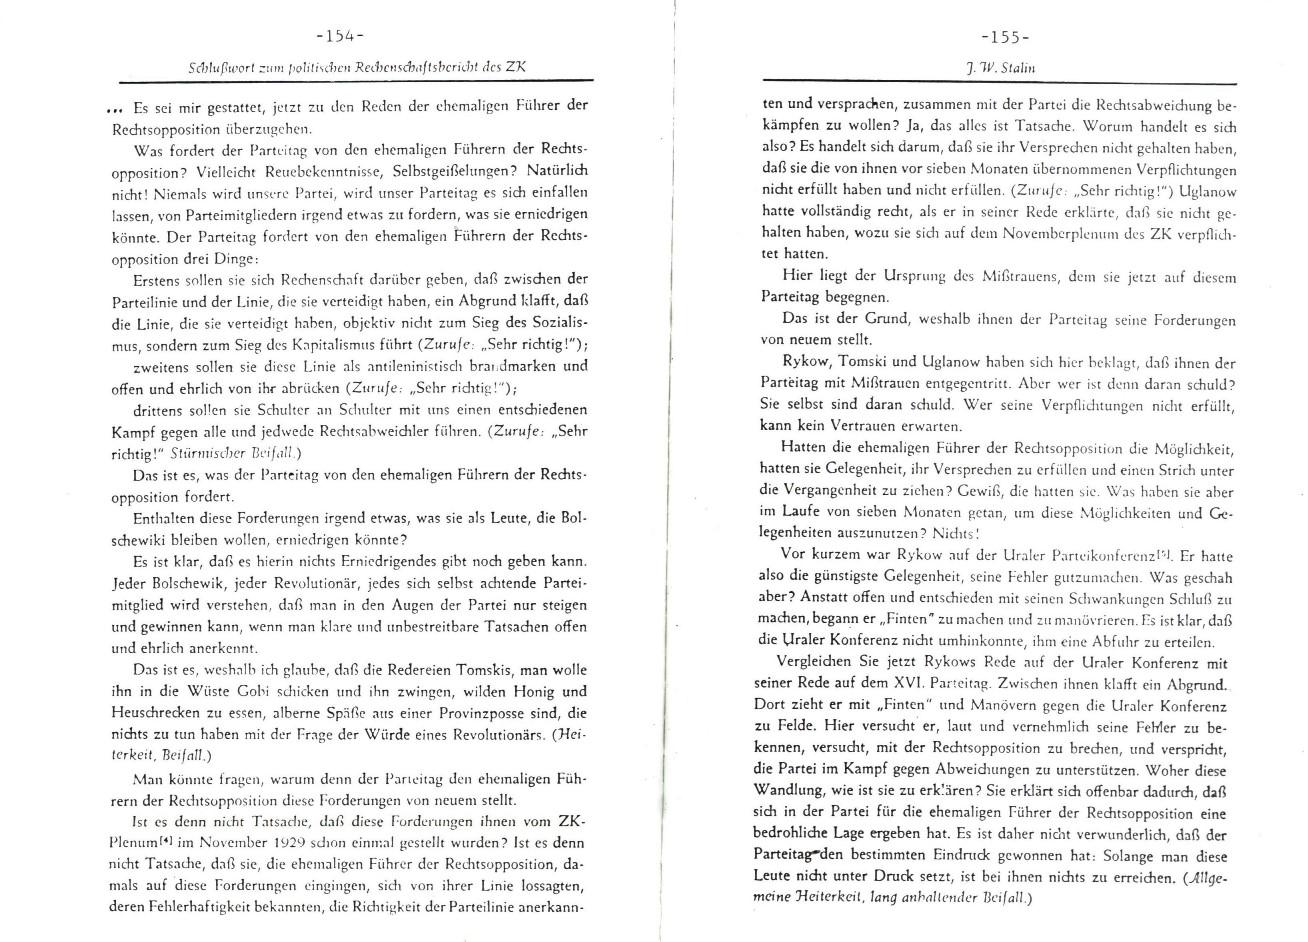 MLSK_Theorie_und_Praxis_des_ML_1979_25_78